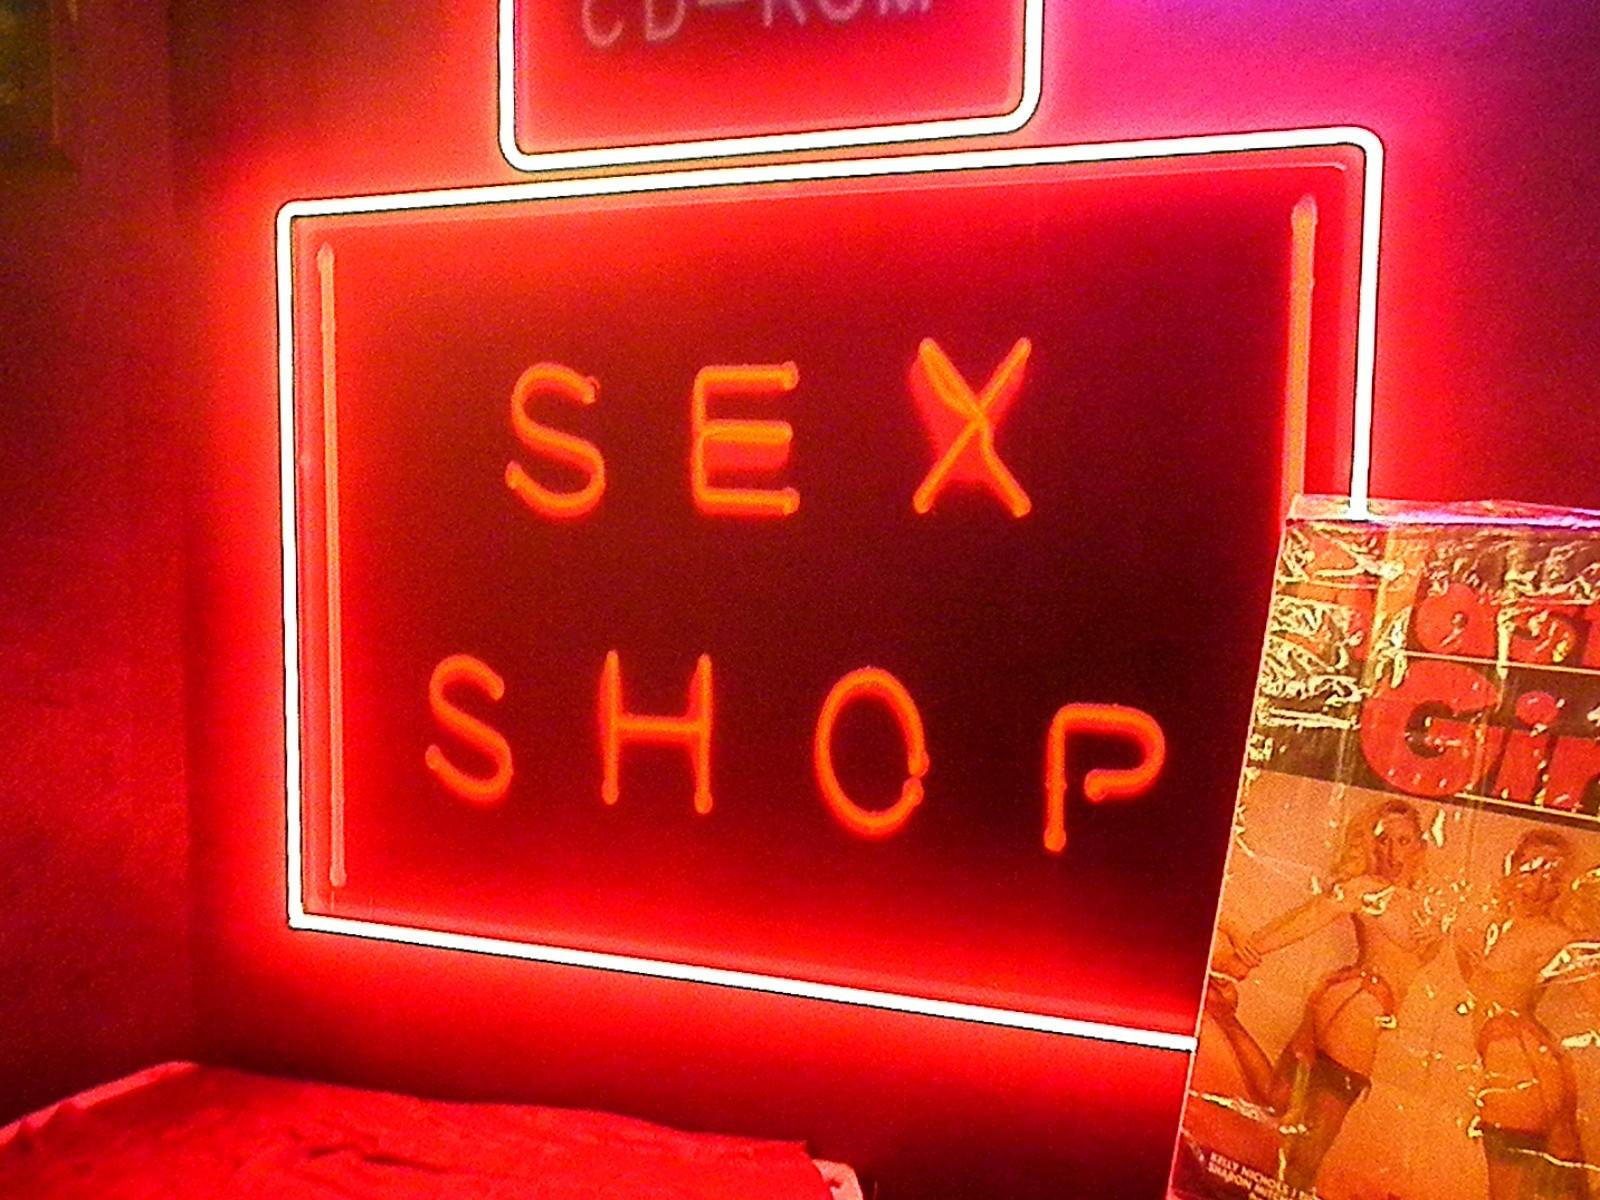 Скачать порно видео бесплатно смотреть порно онлайн